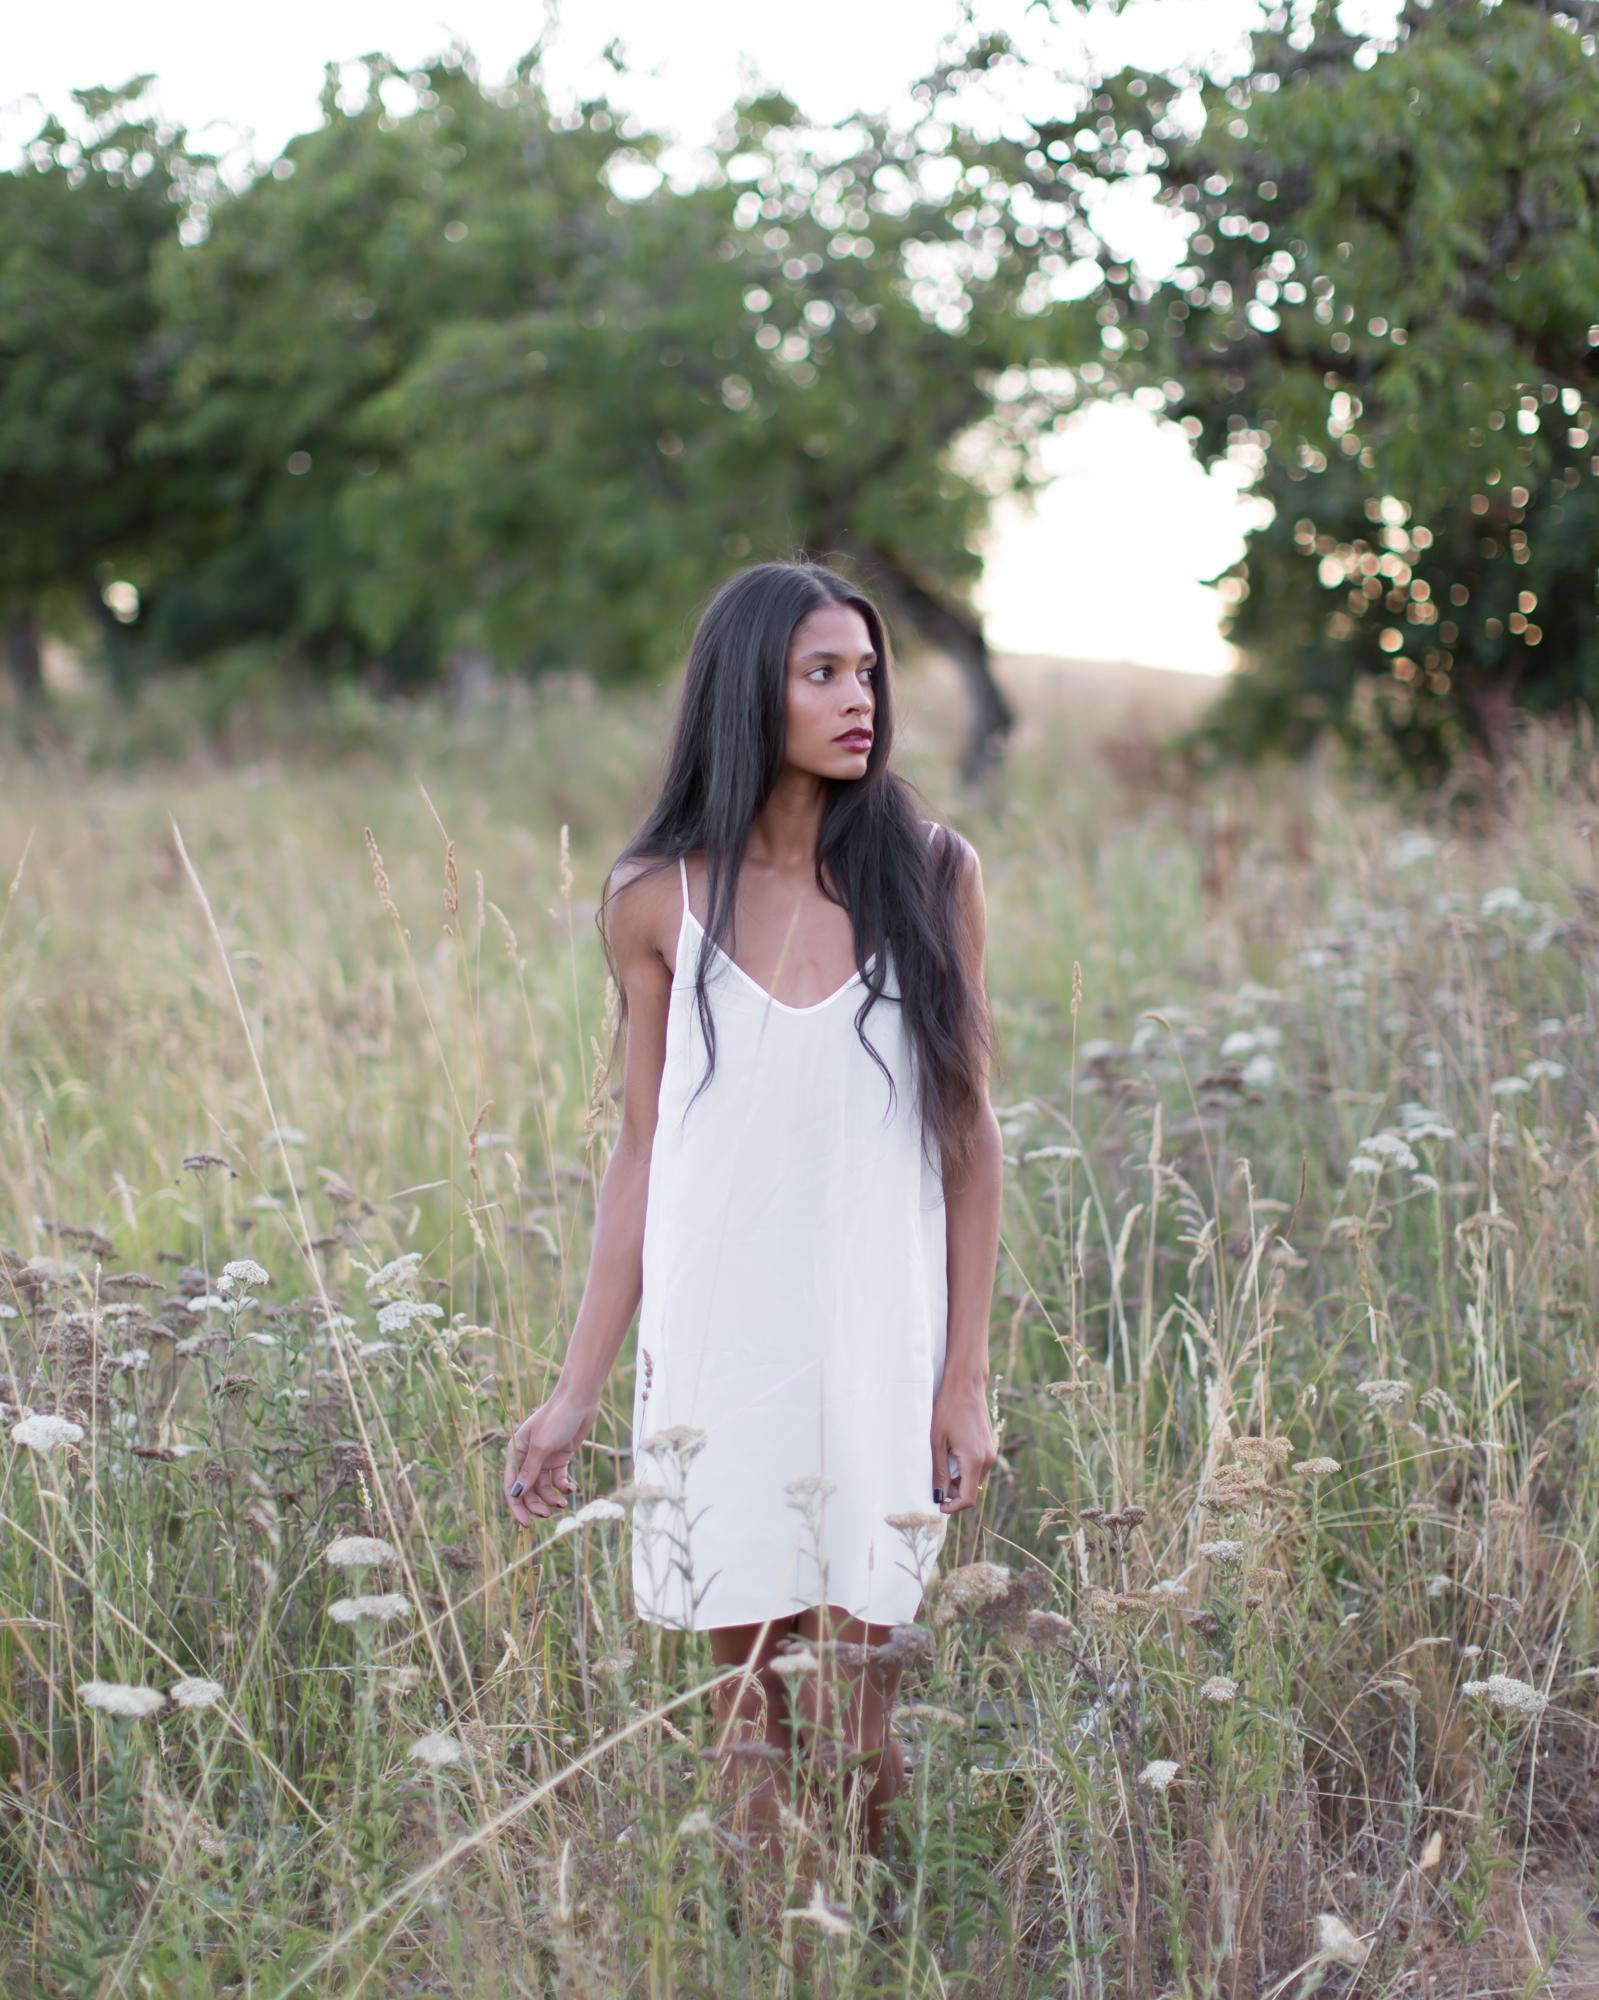 olivia_ashton_photography_boudoir_22